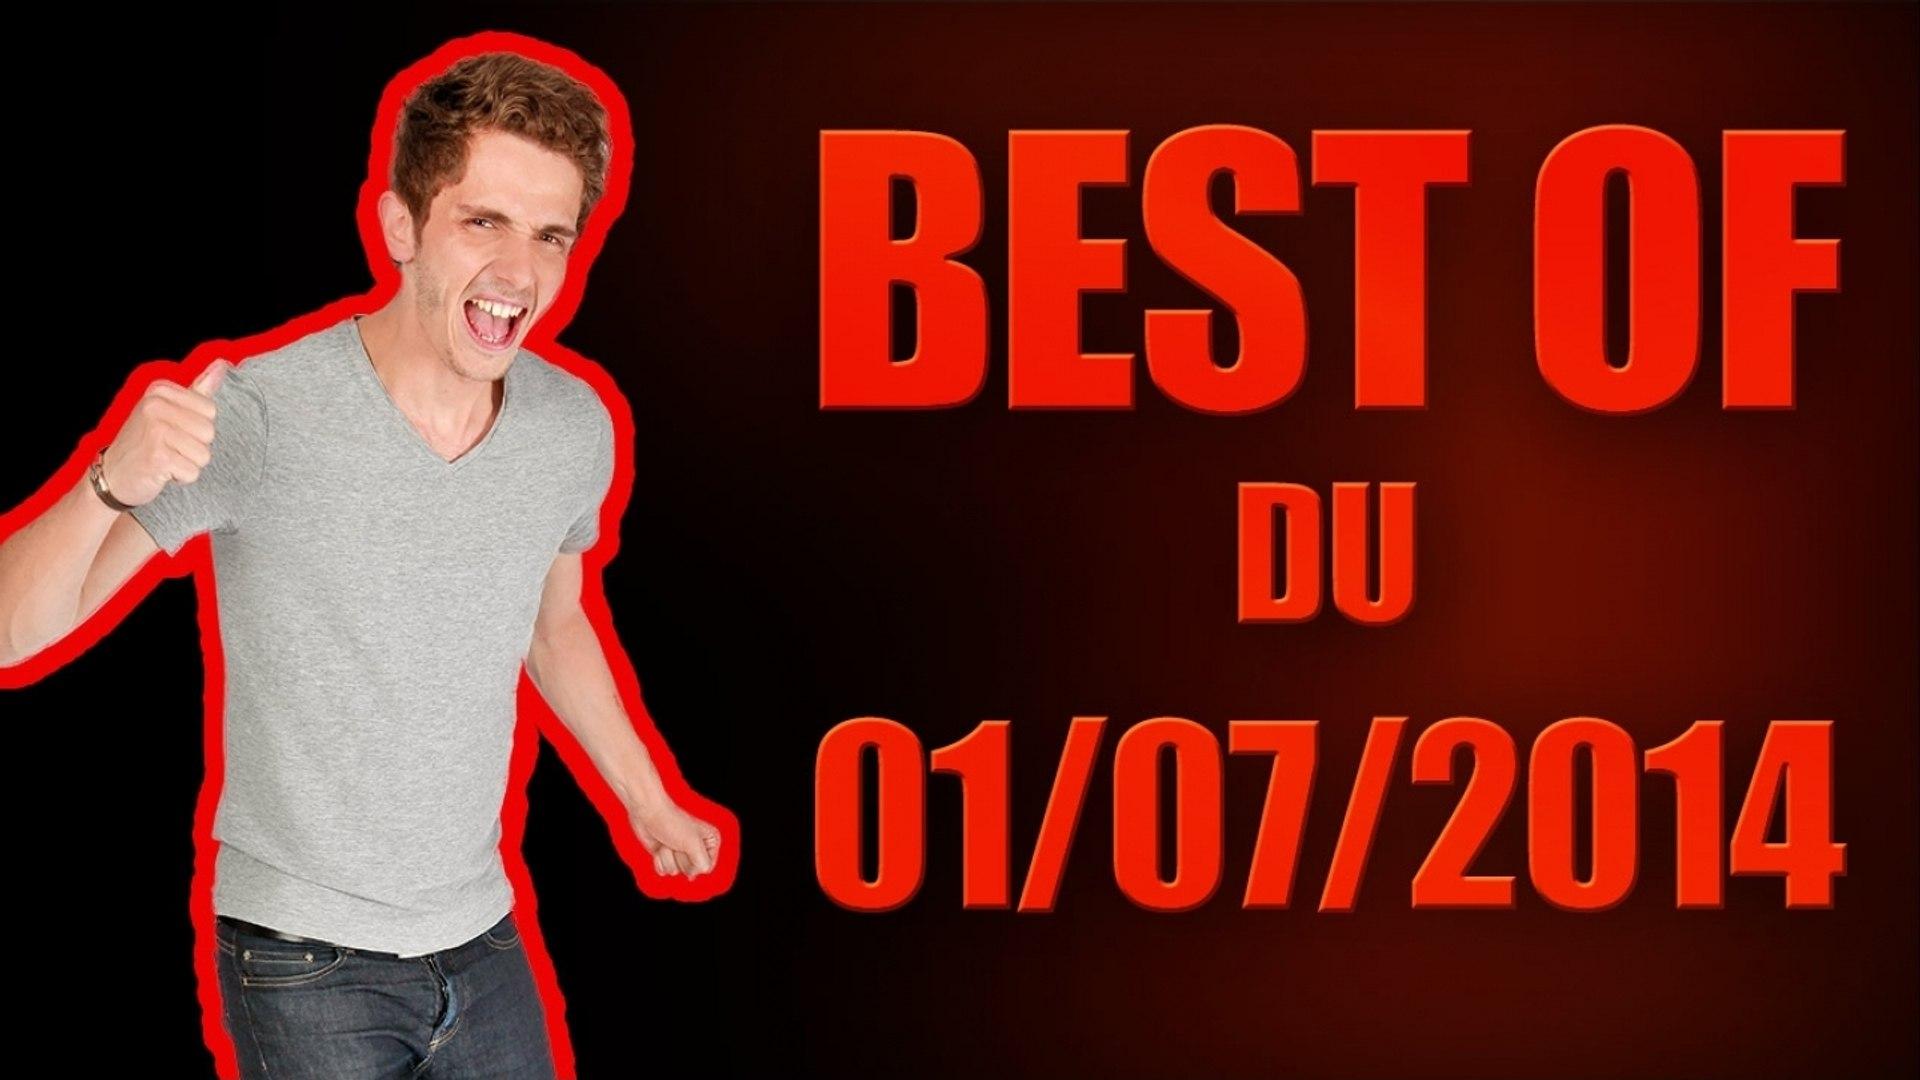 Best of Vidéo Guillaume Radio 2.0 sur NRJ du 01/07/2014